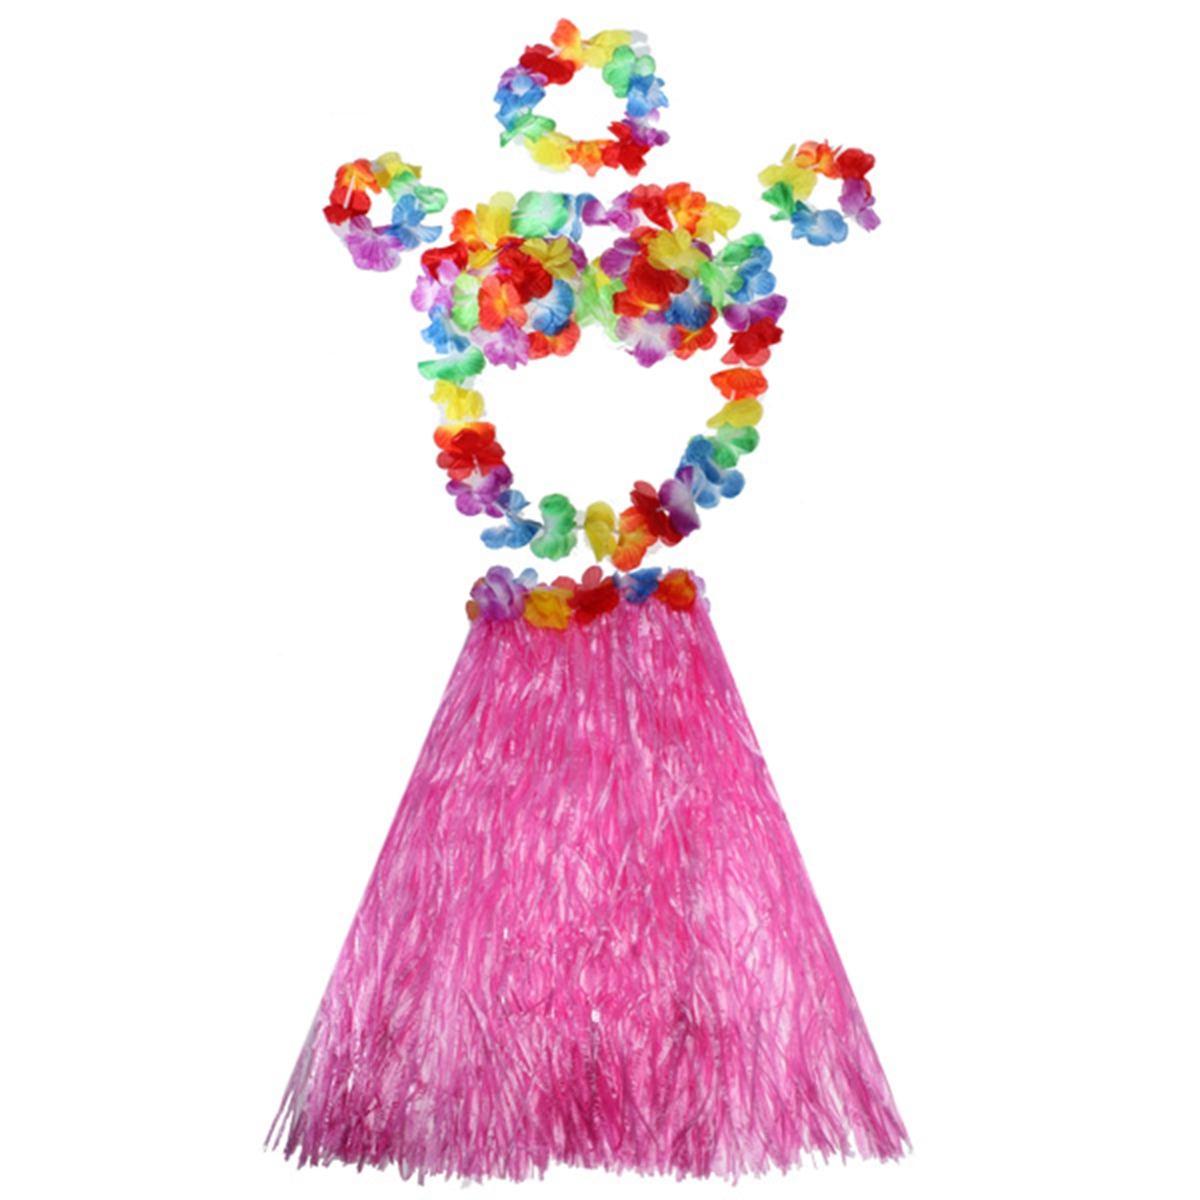 6 unids/set niños niña hawaiana hierba Hula falda pulsera con flores disfraz de guirnalda fibras plásticas mujeres faldas de hierba suministros de fiesta